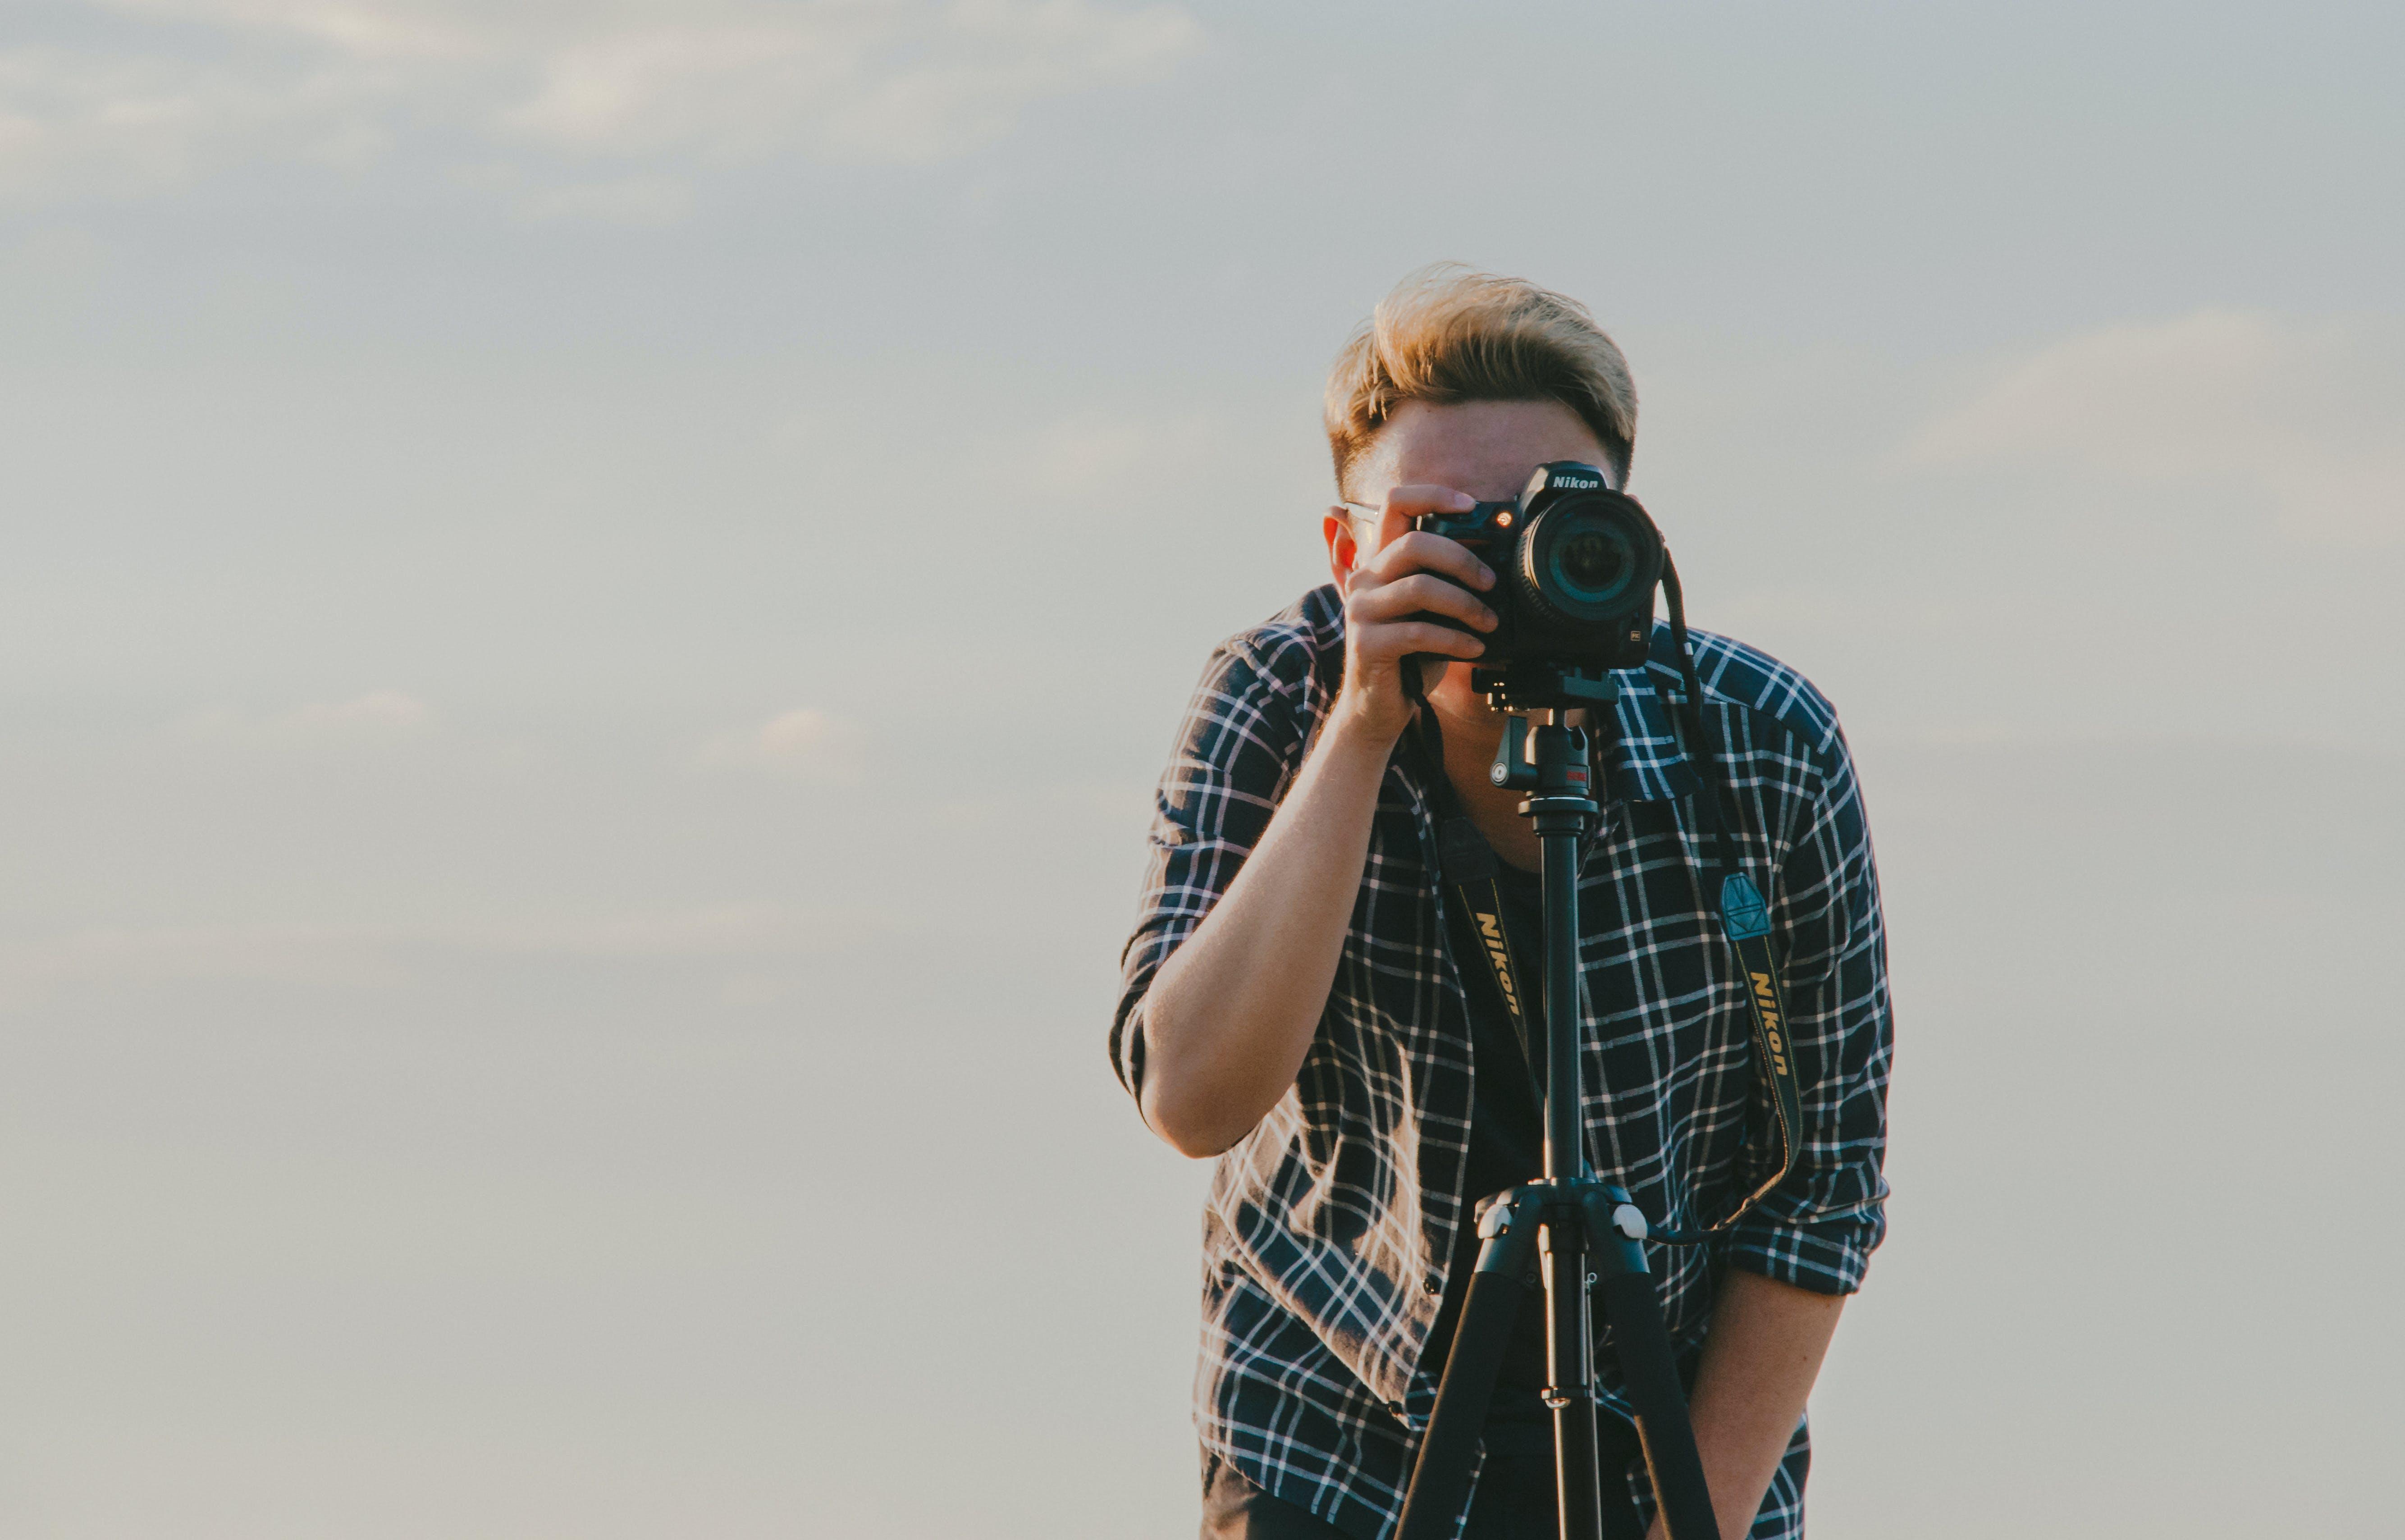 Безкоштовне стокове фото на тему «денний час, камера, людина, мода»